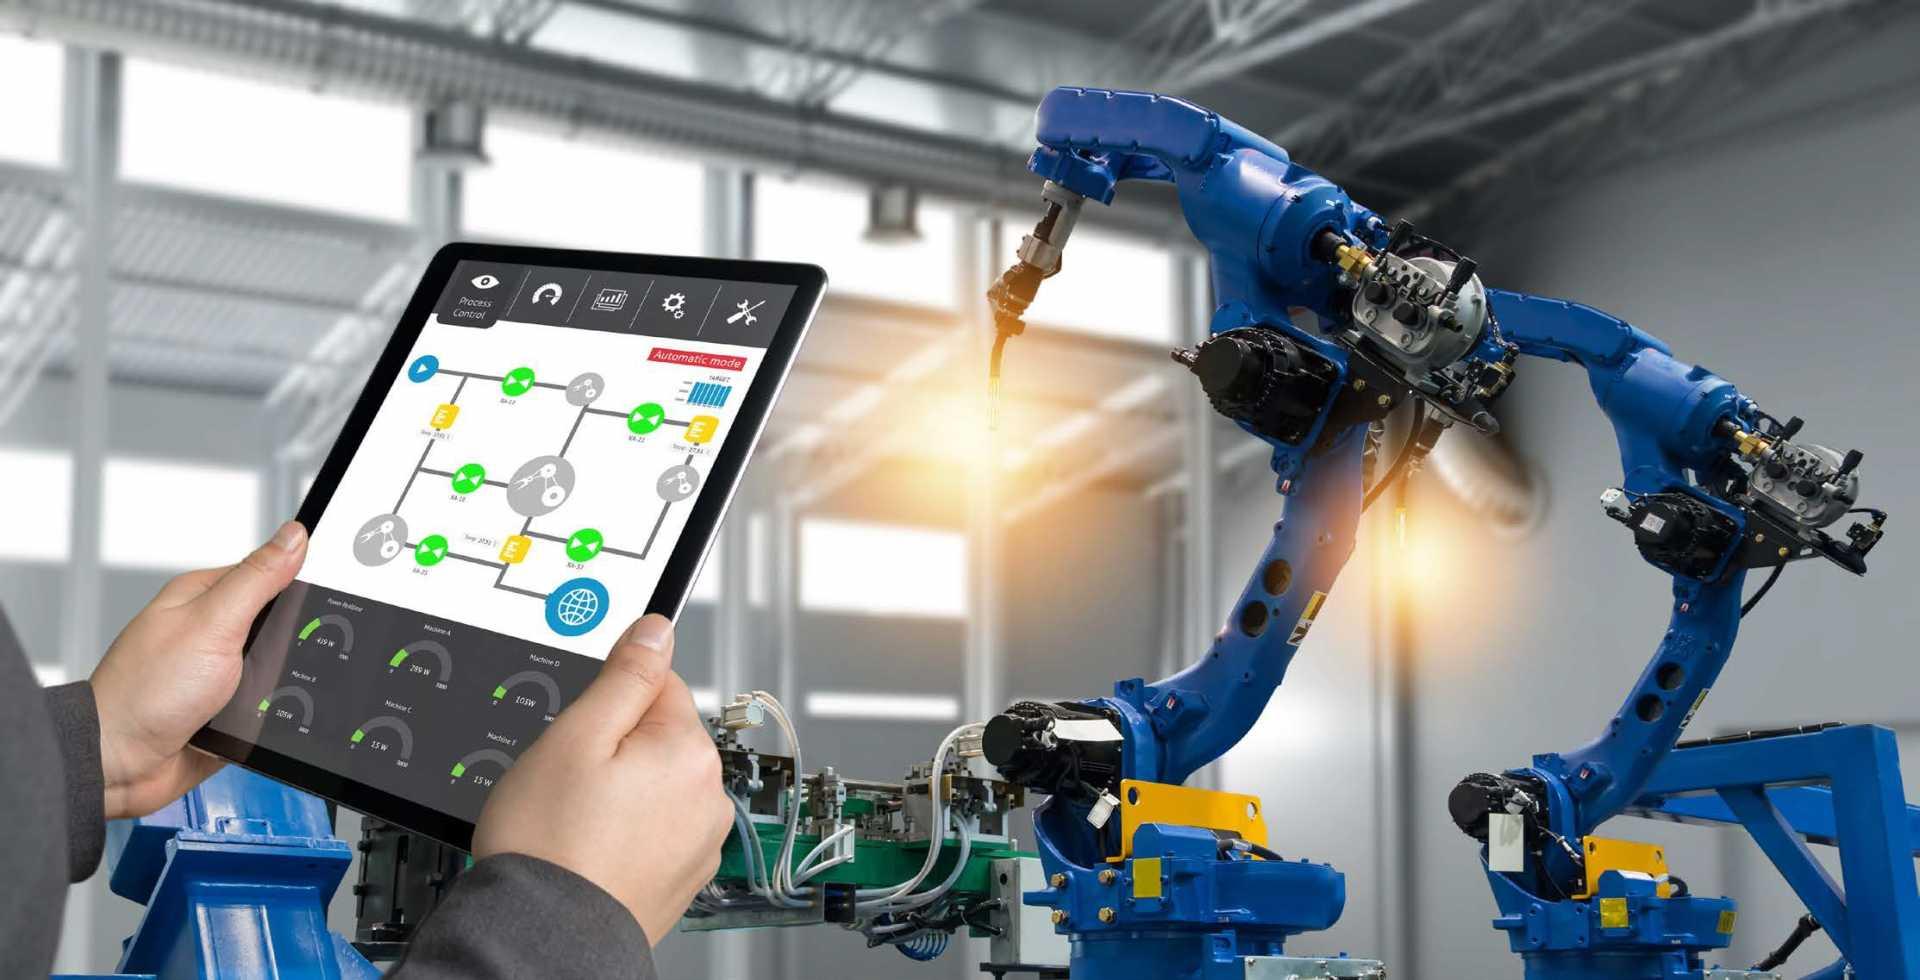 Представлен новый международный стандарт безопасности промышленного IoT